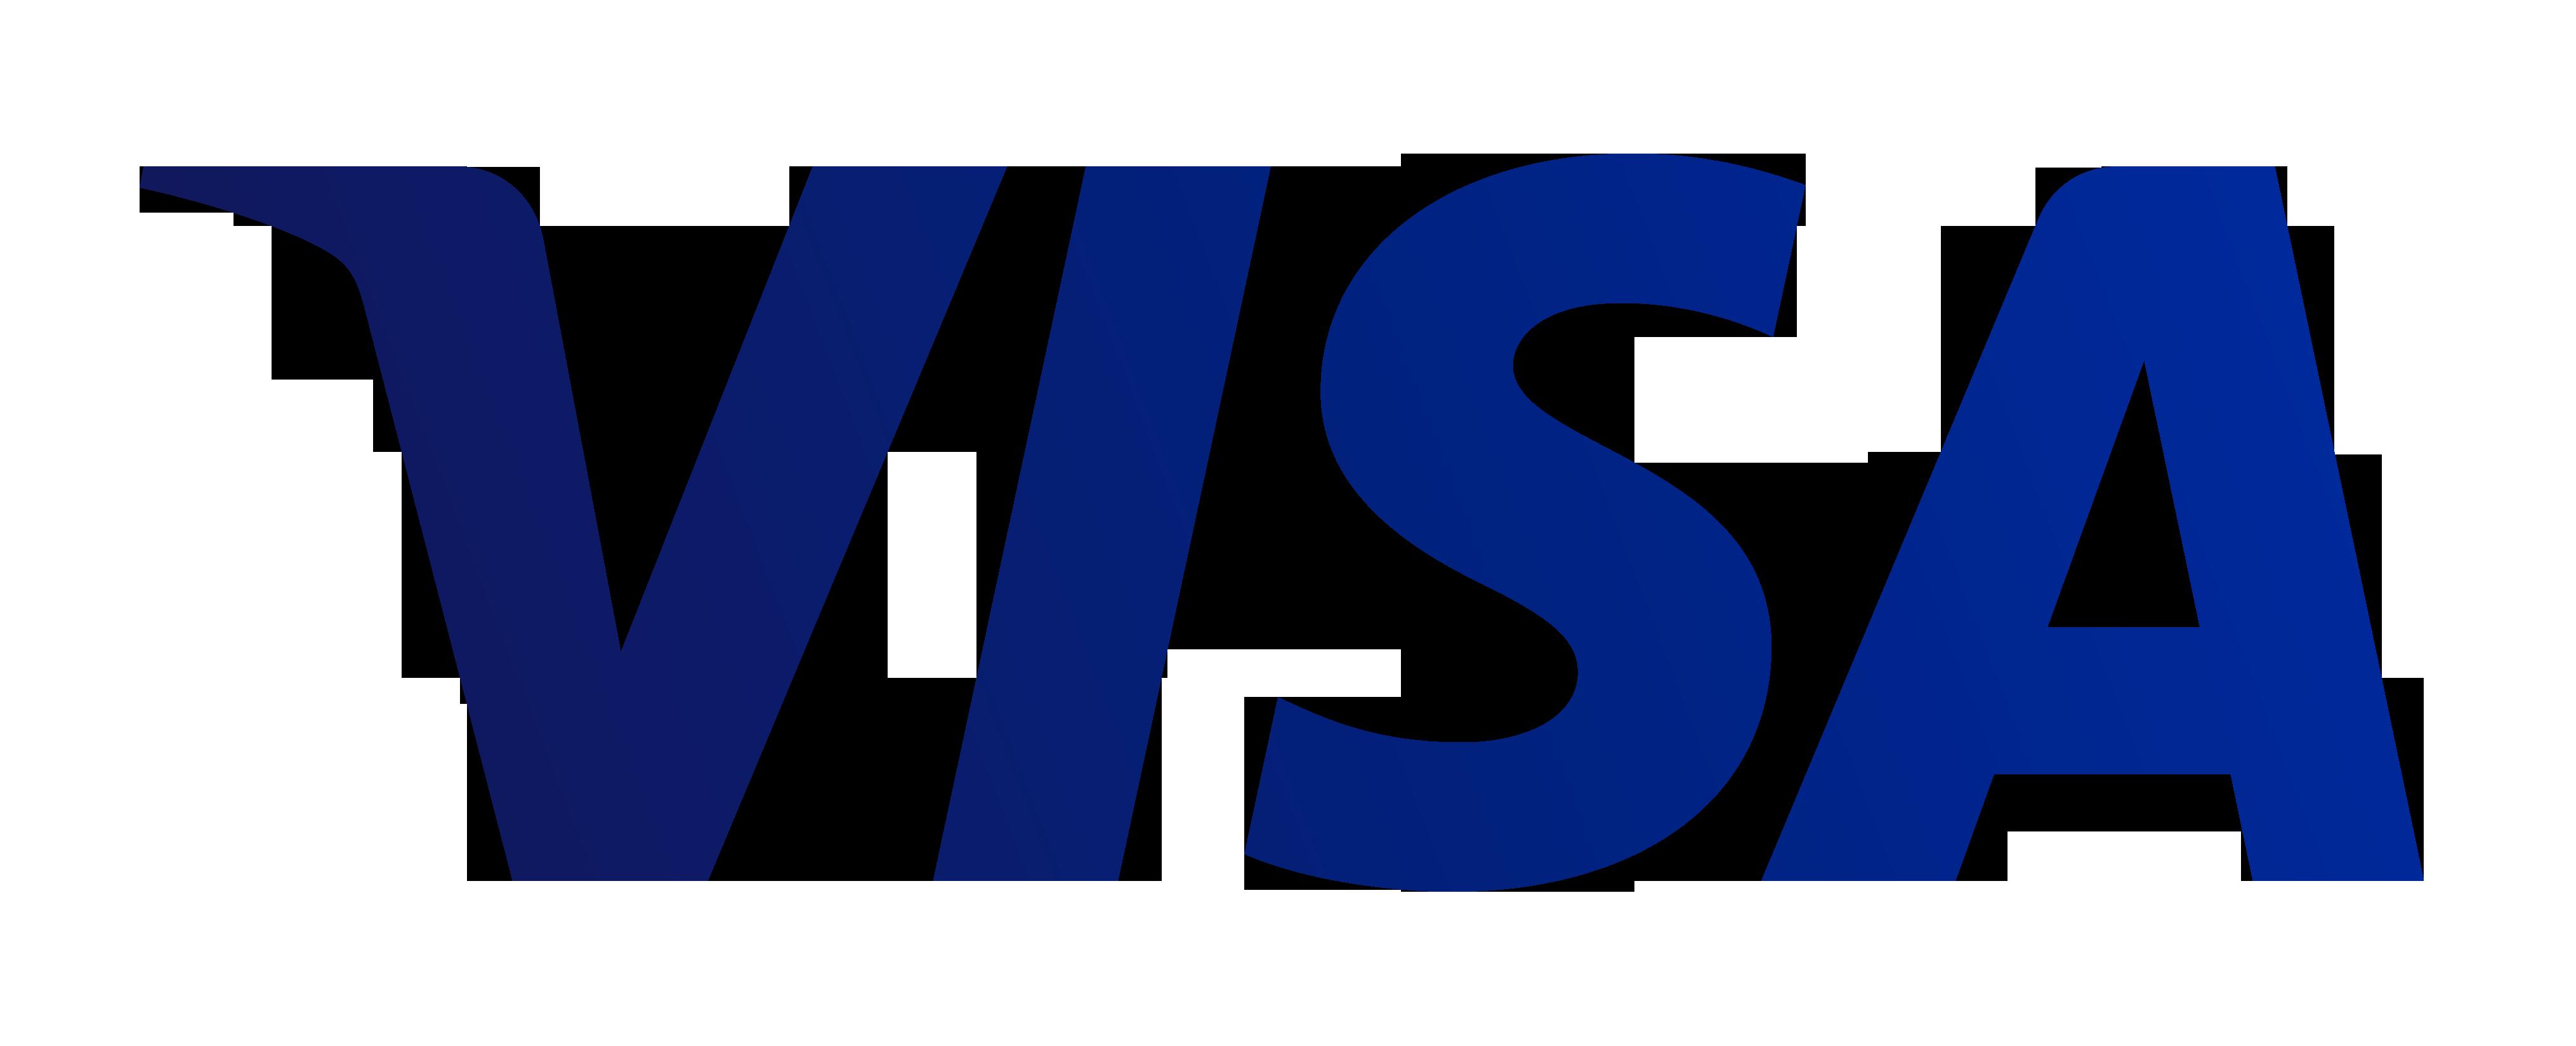 Visa Audiences powered by Oracle